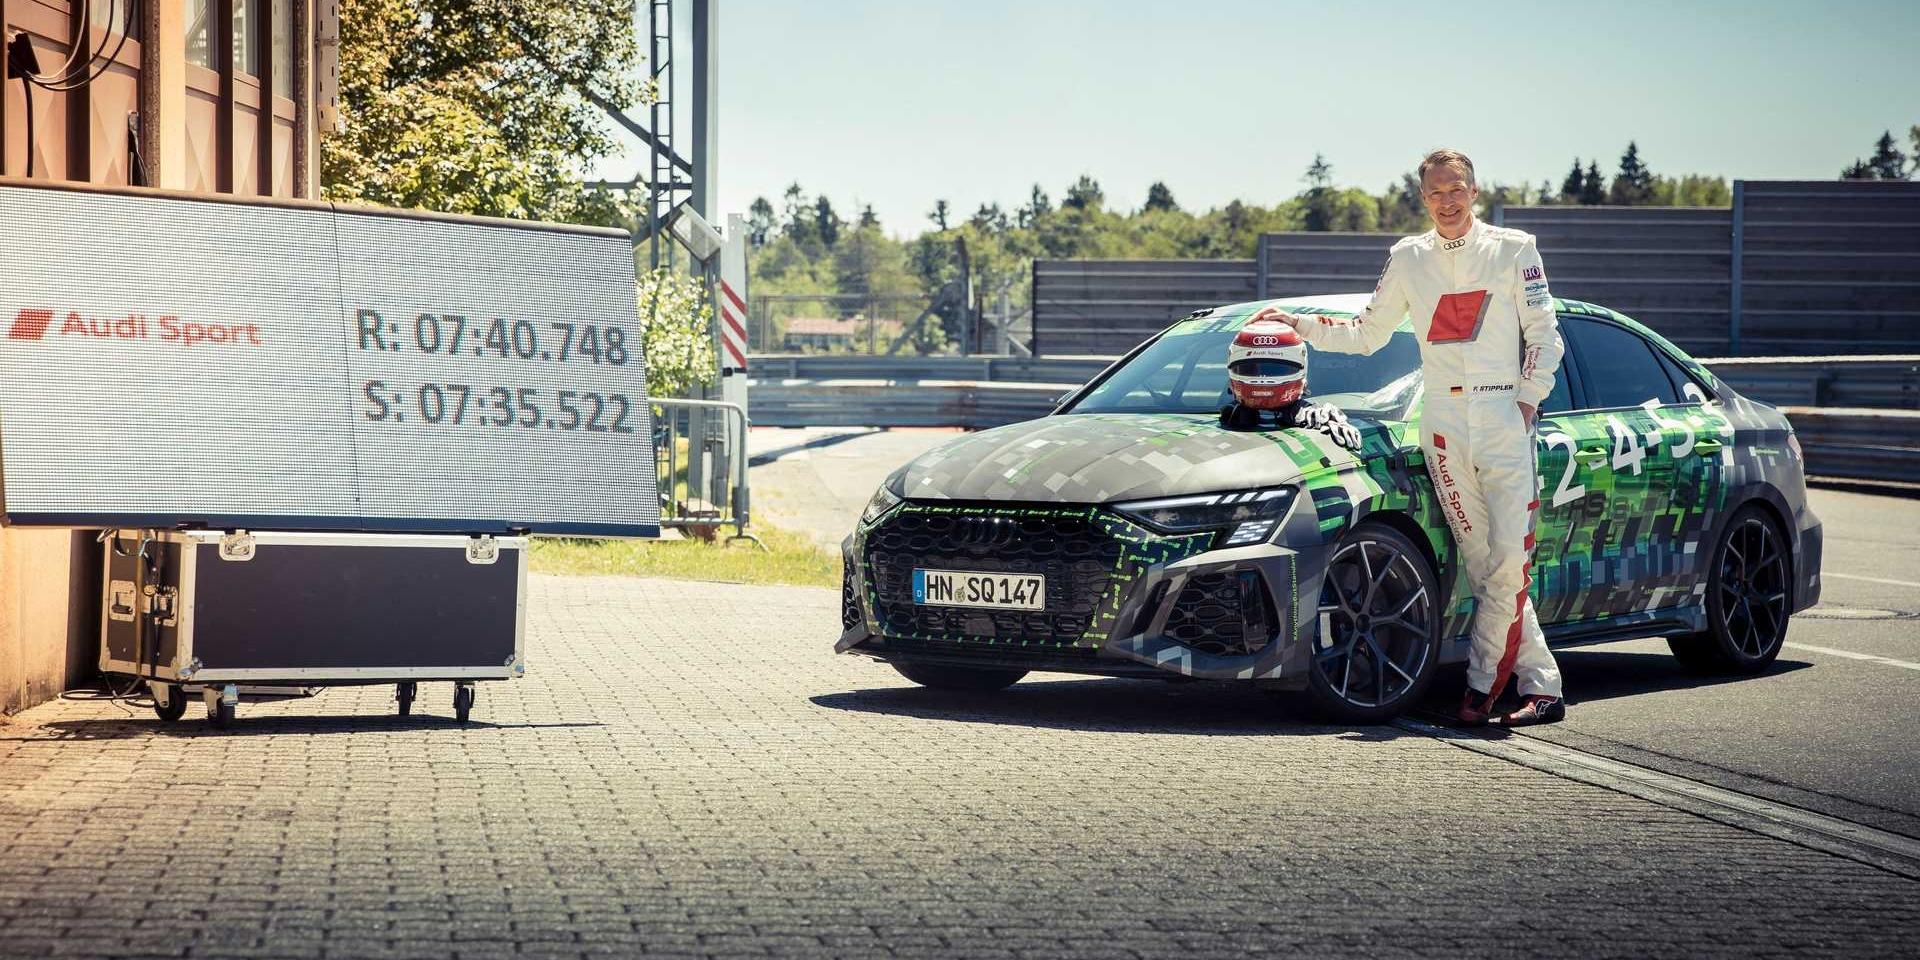 Audi RS3奪下最速Compact Car頭銜!紐伯林成績7:40.748!